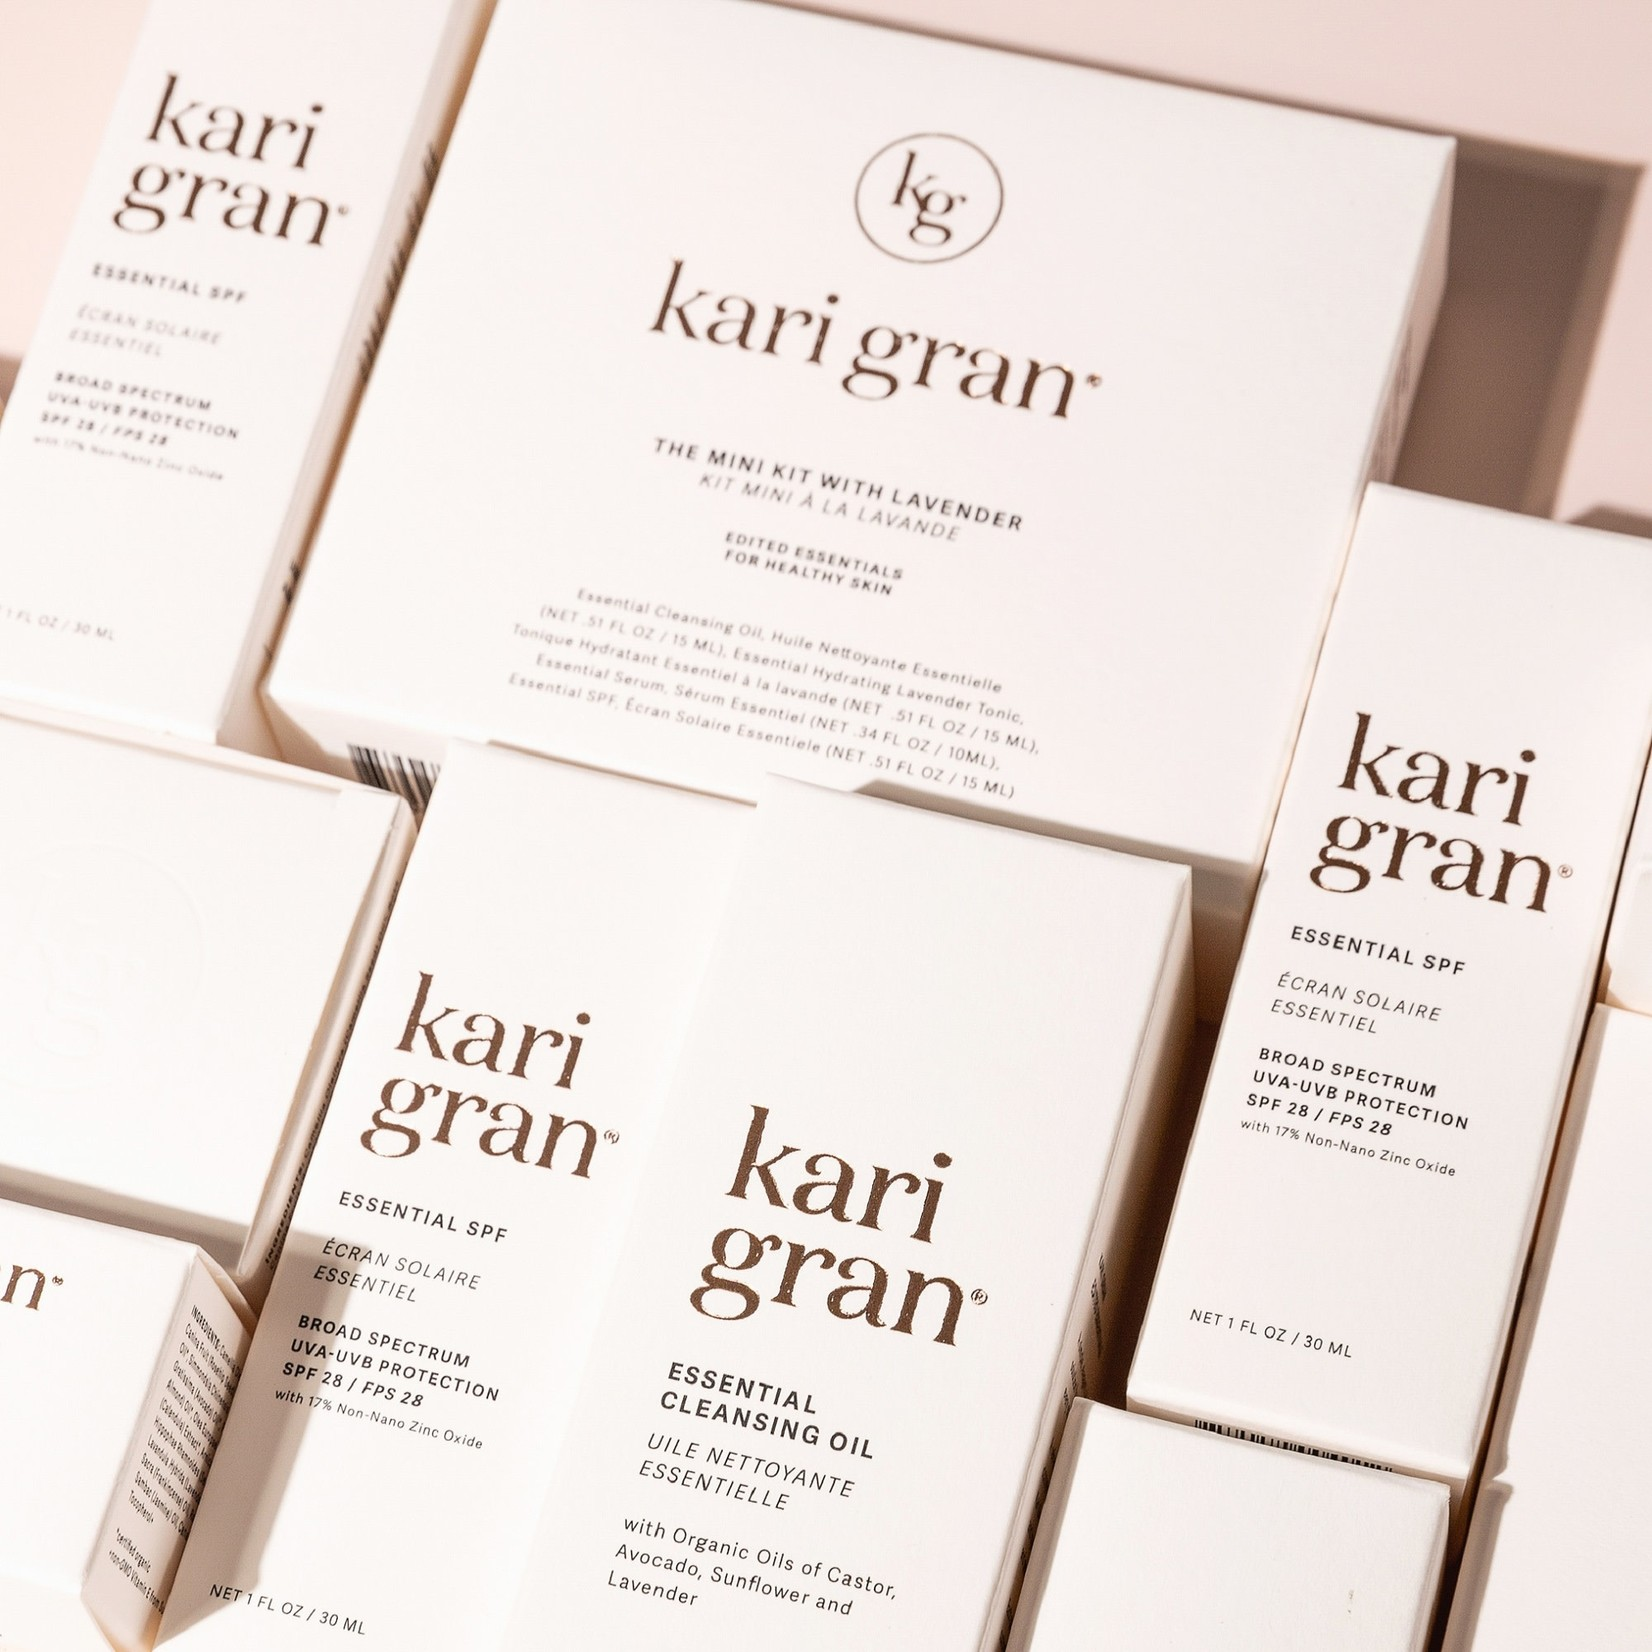 Kari gran Kari gran Essential SPF 28